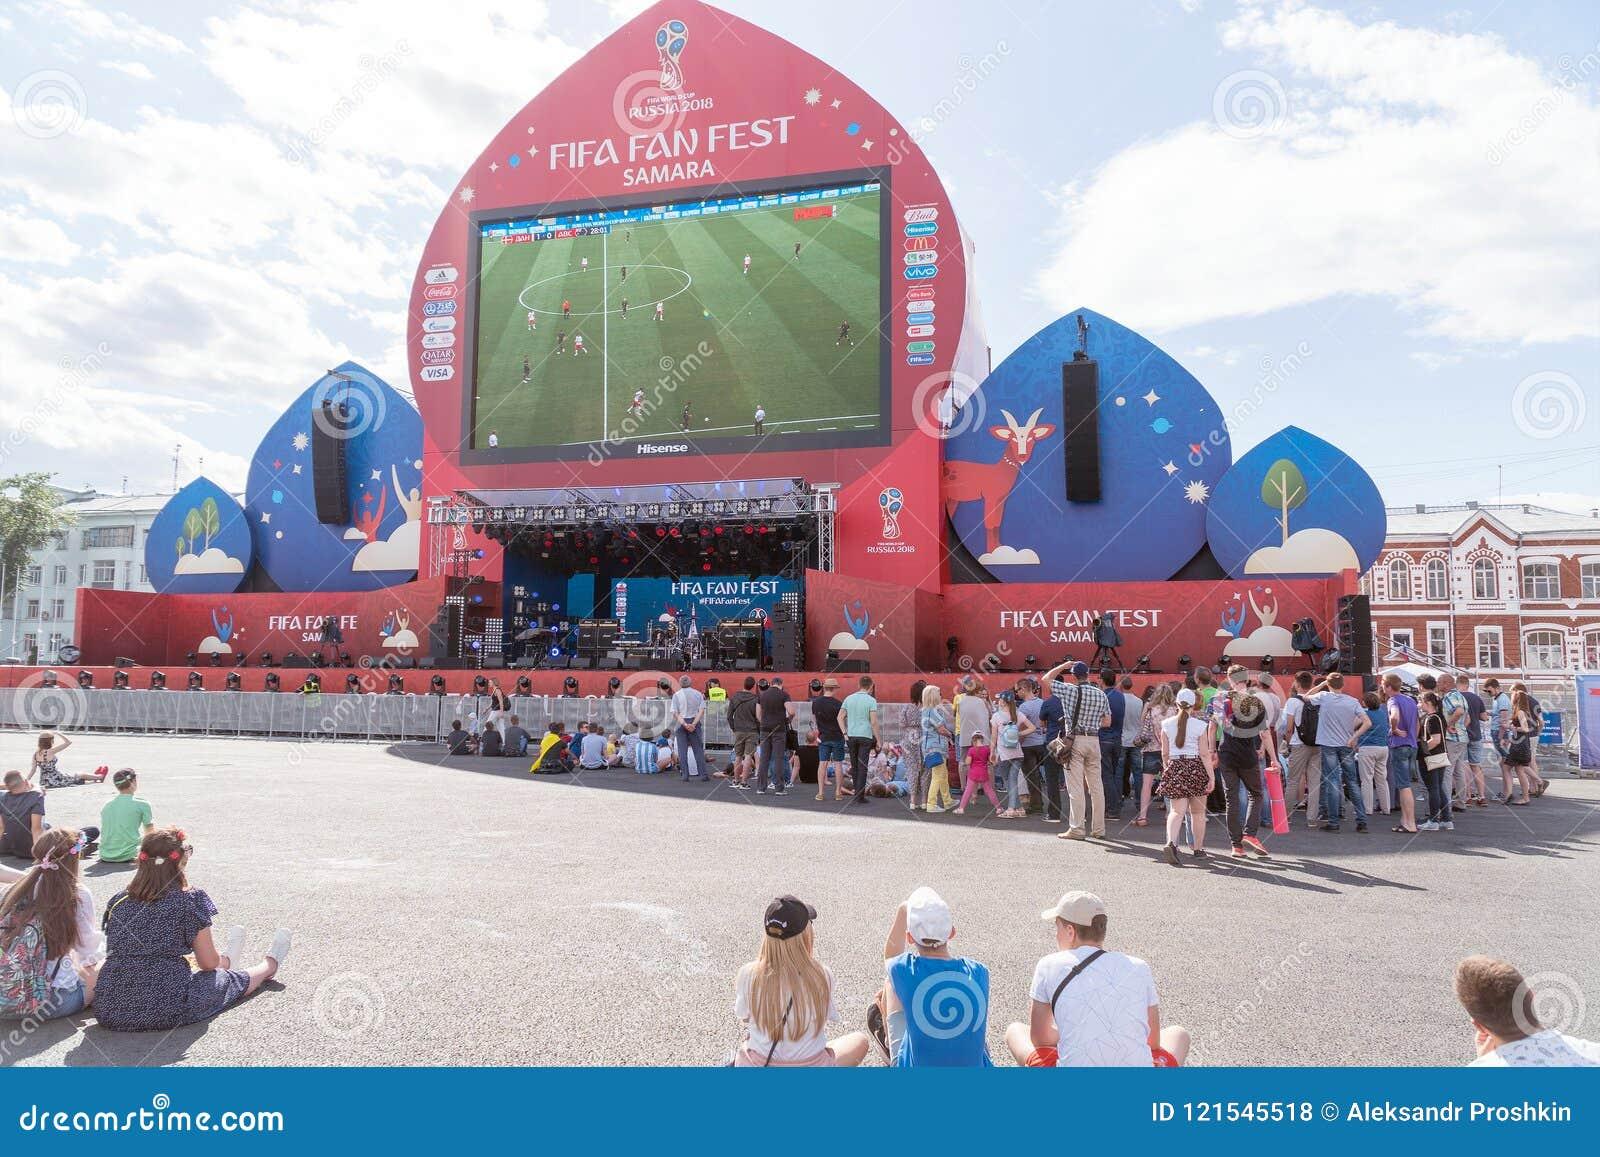 Fan piłki nożnej zegarka program na żywo dopasowanie w fan strefie